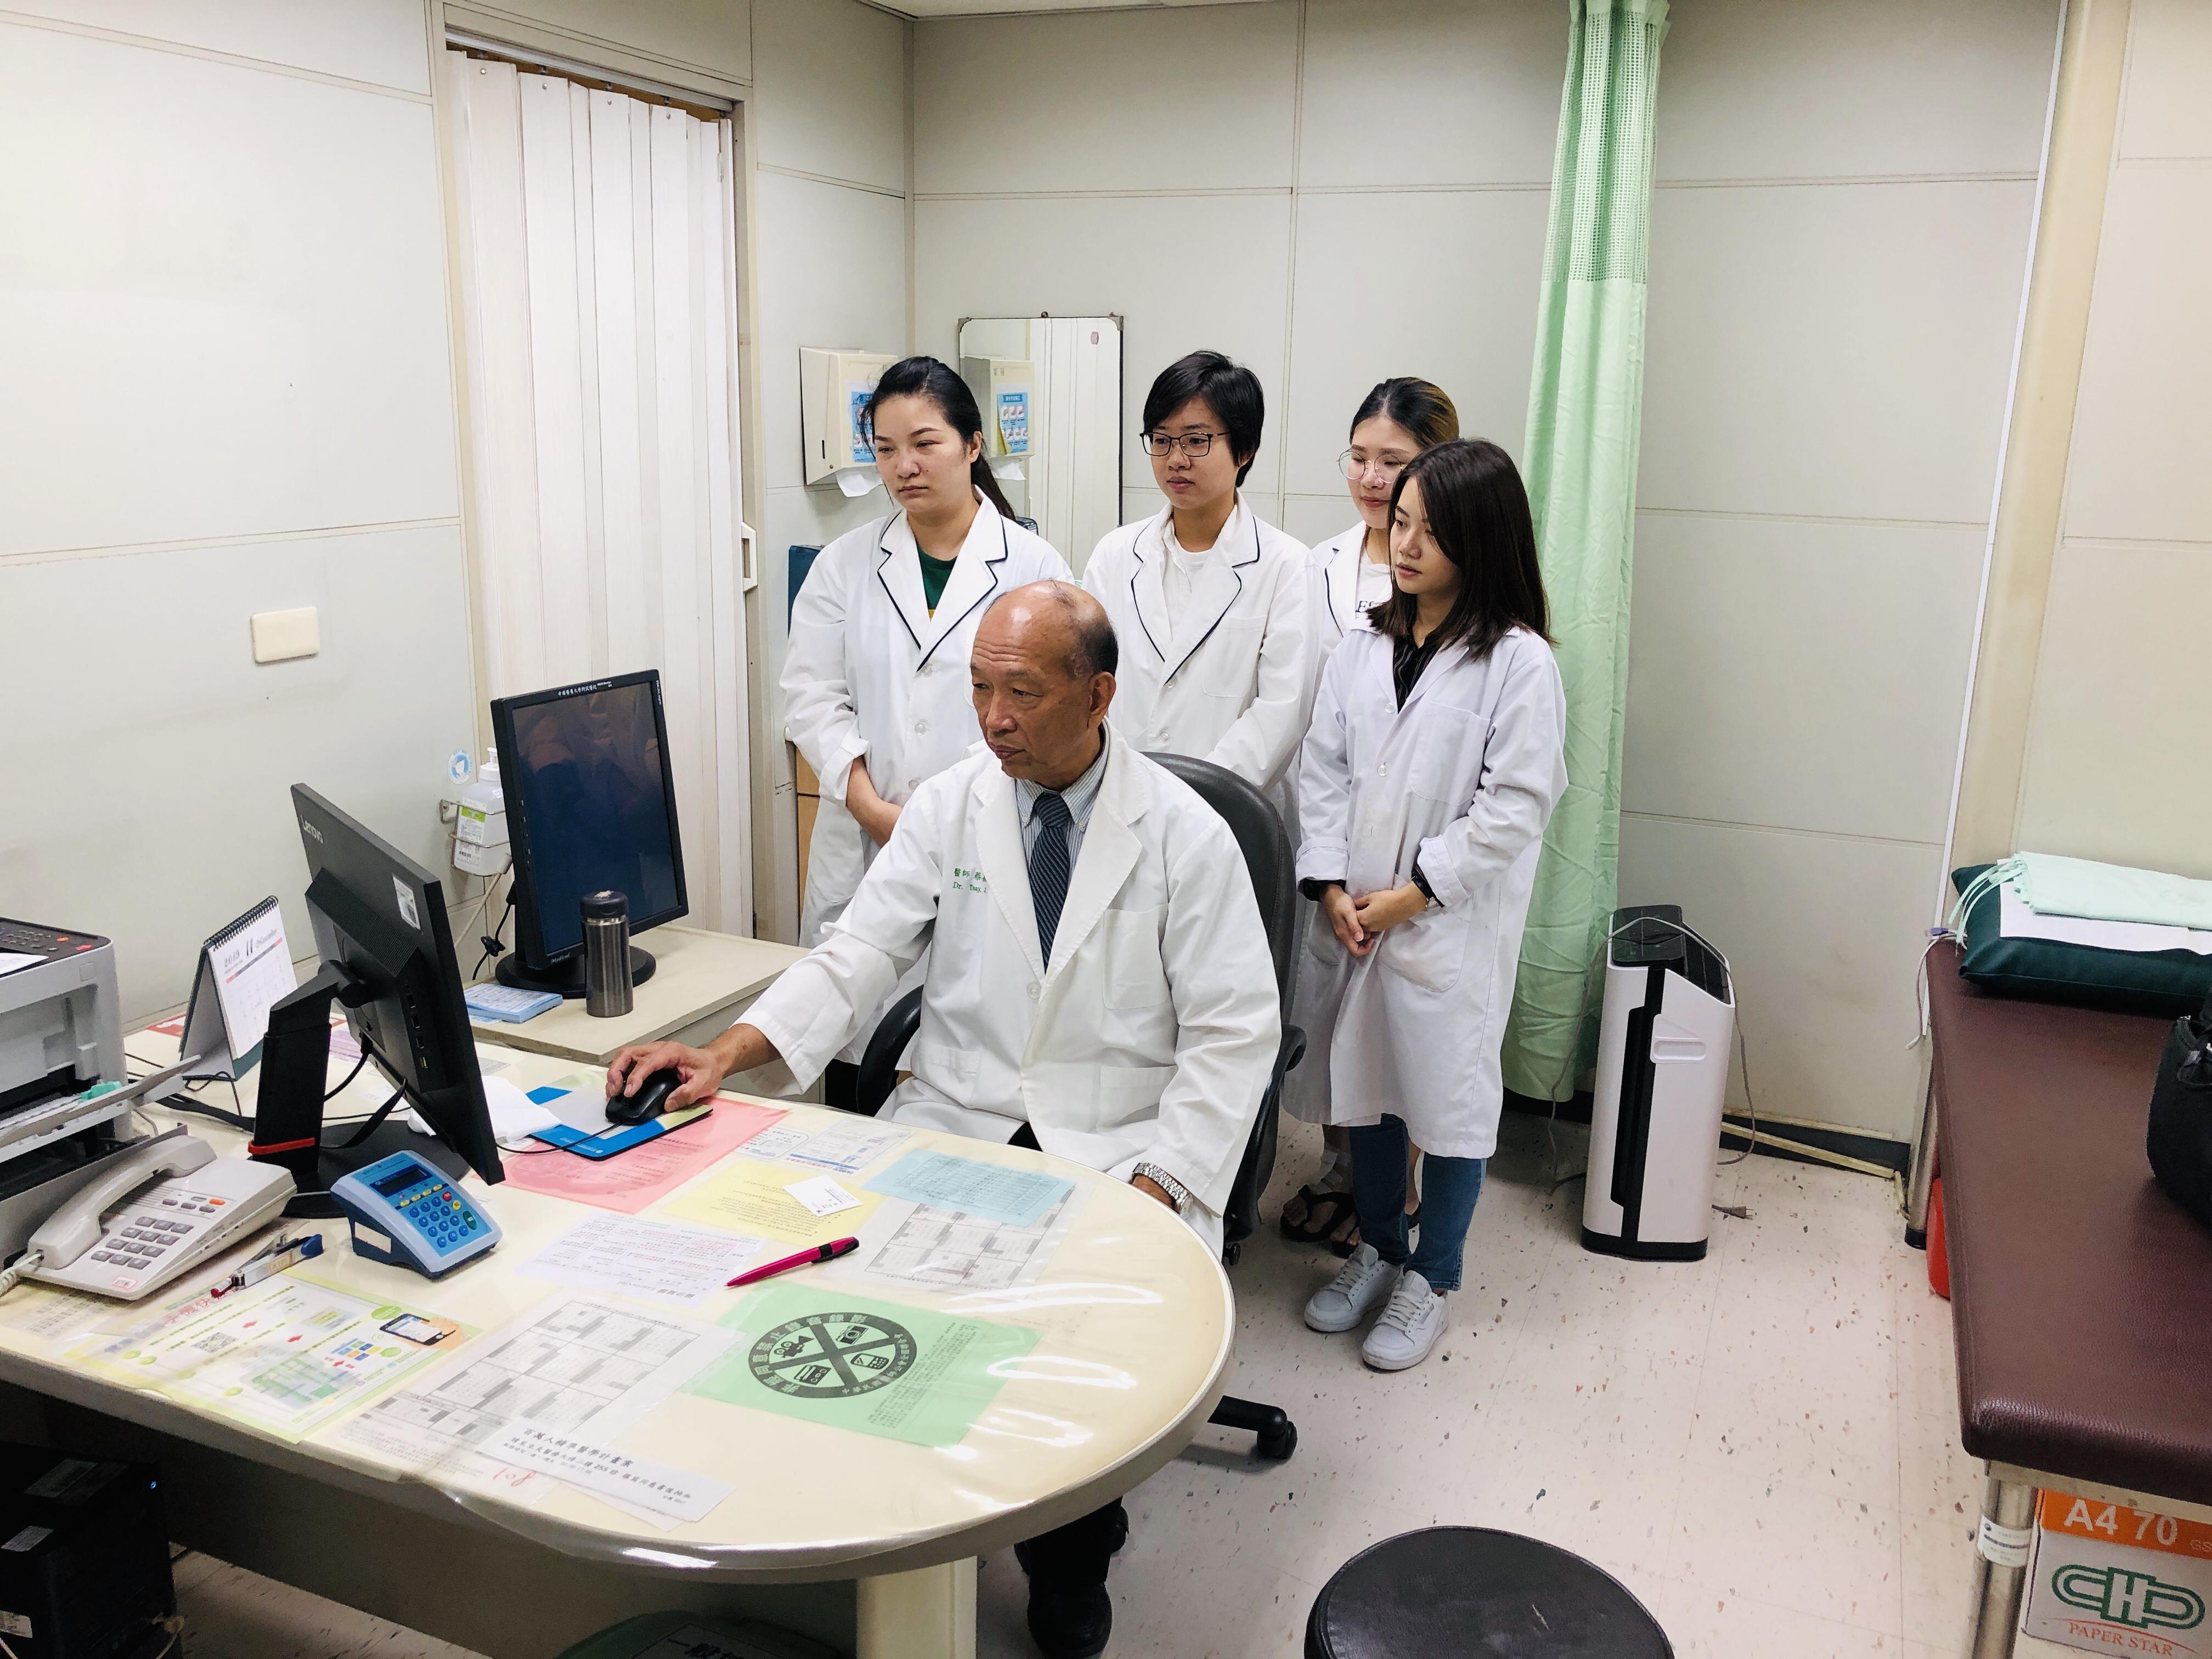 蔡醫師與團隊人員探討臨床疾病與實驗結果之關係